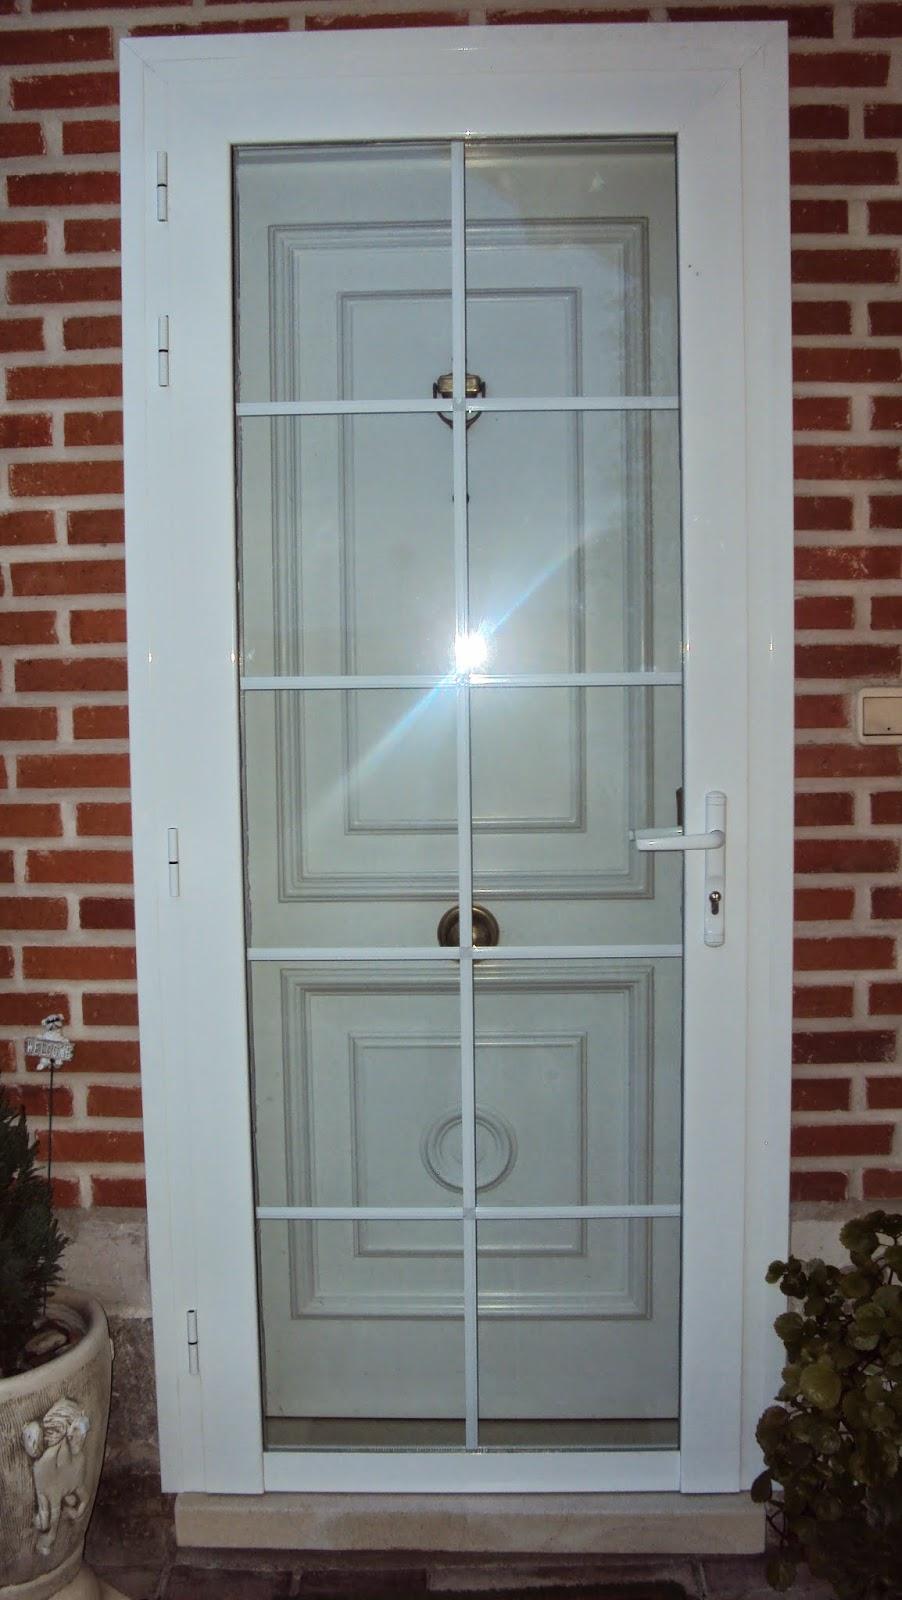 Aluminio y cerrajer a abel y cesar santiuste de san juan - Puerta balconera aluminio ...